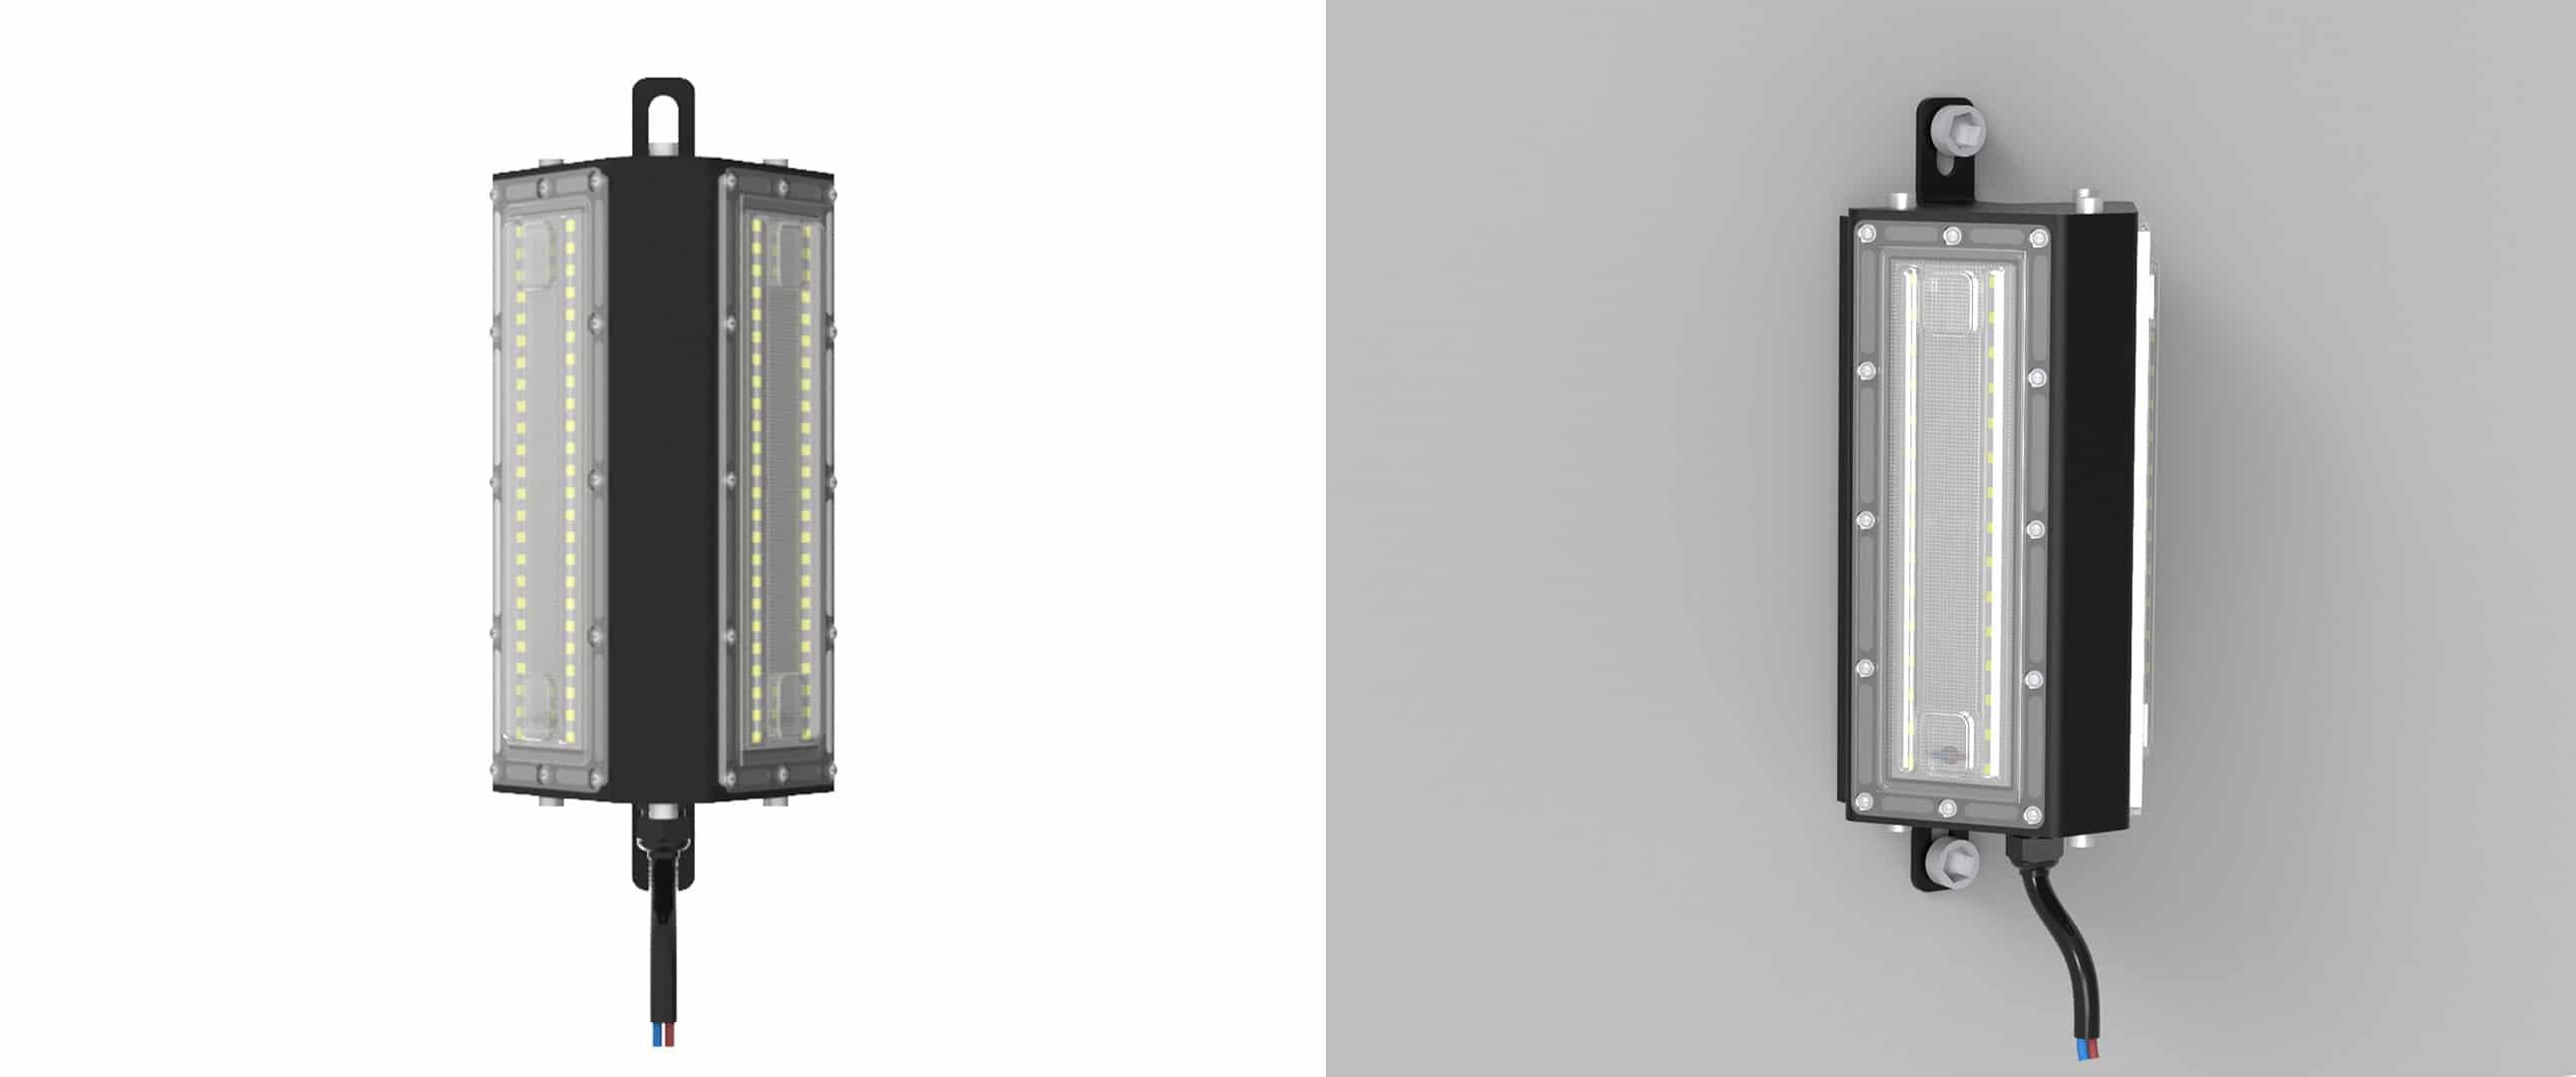 Lampa przemysłowa 50W